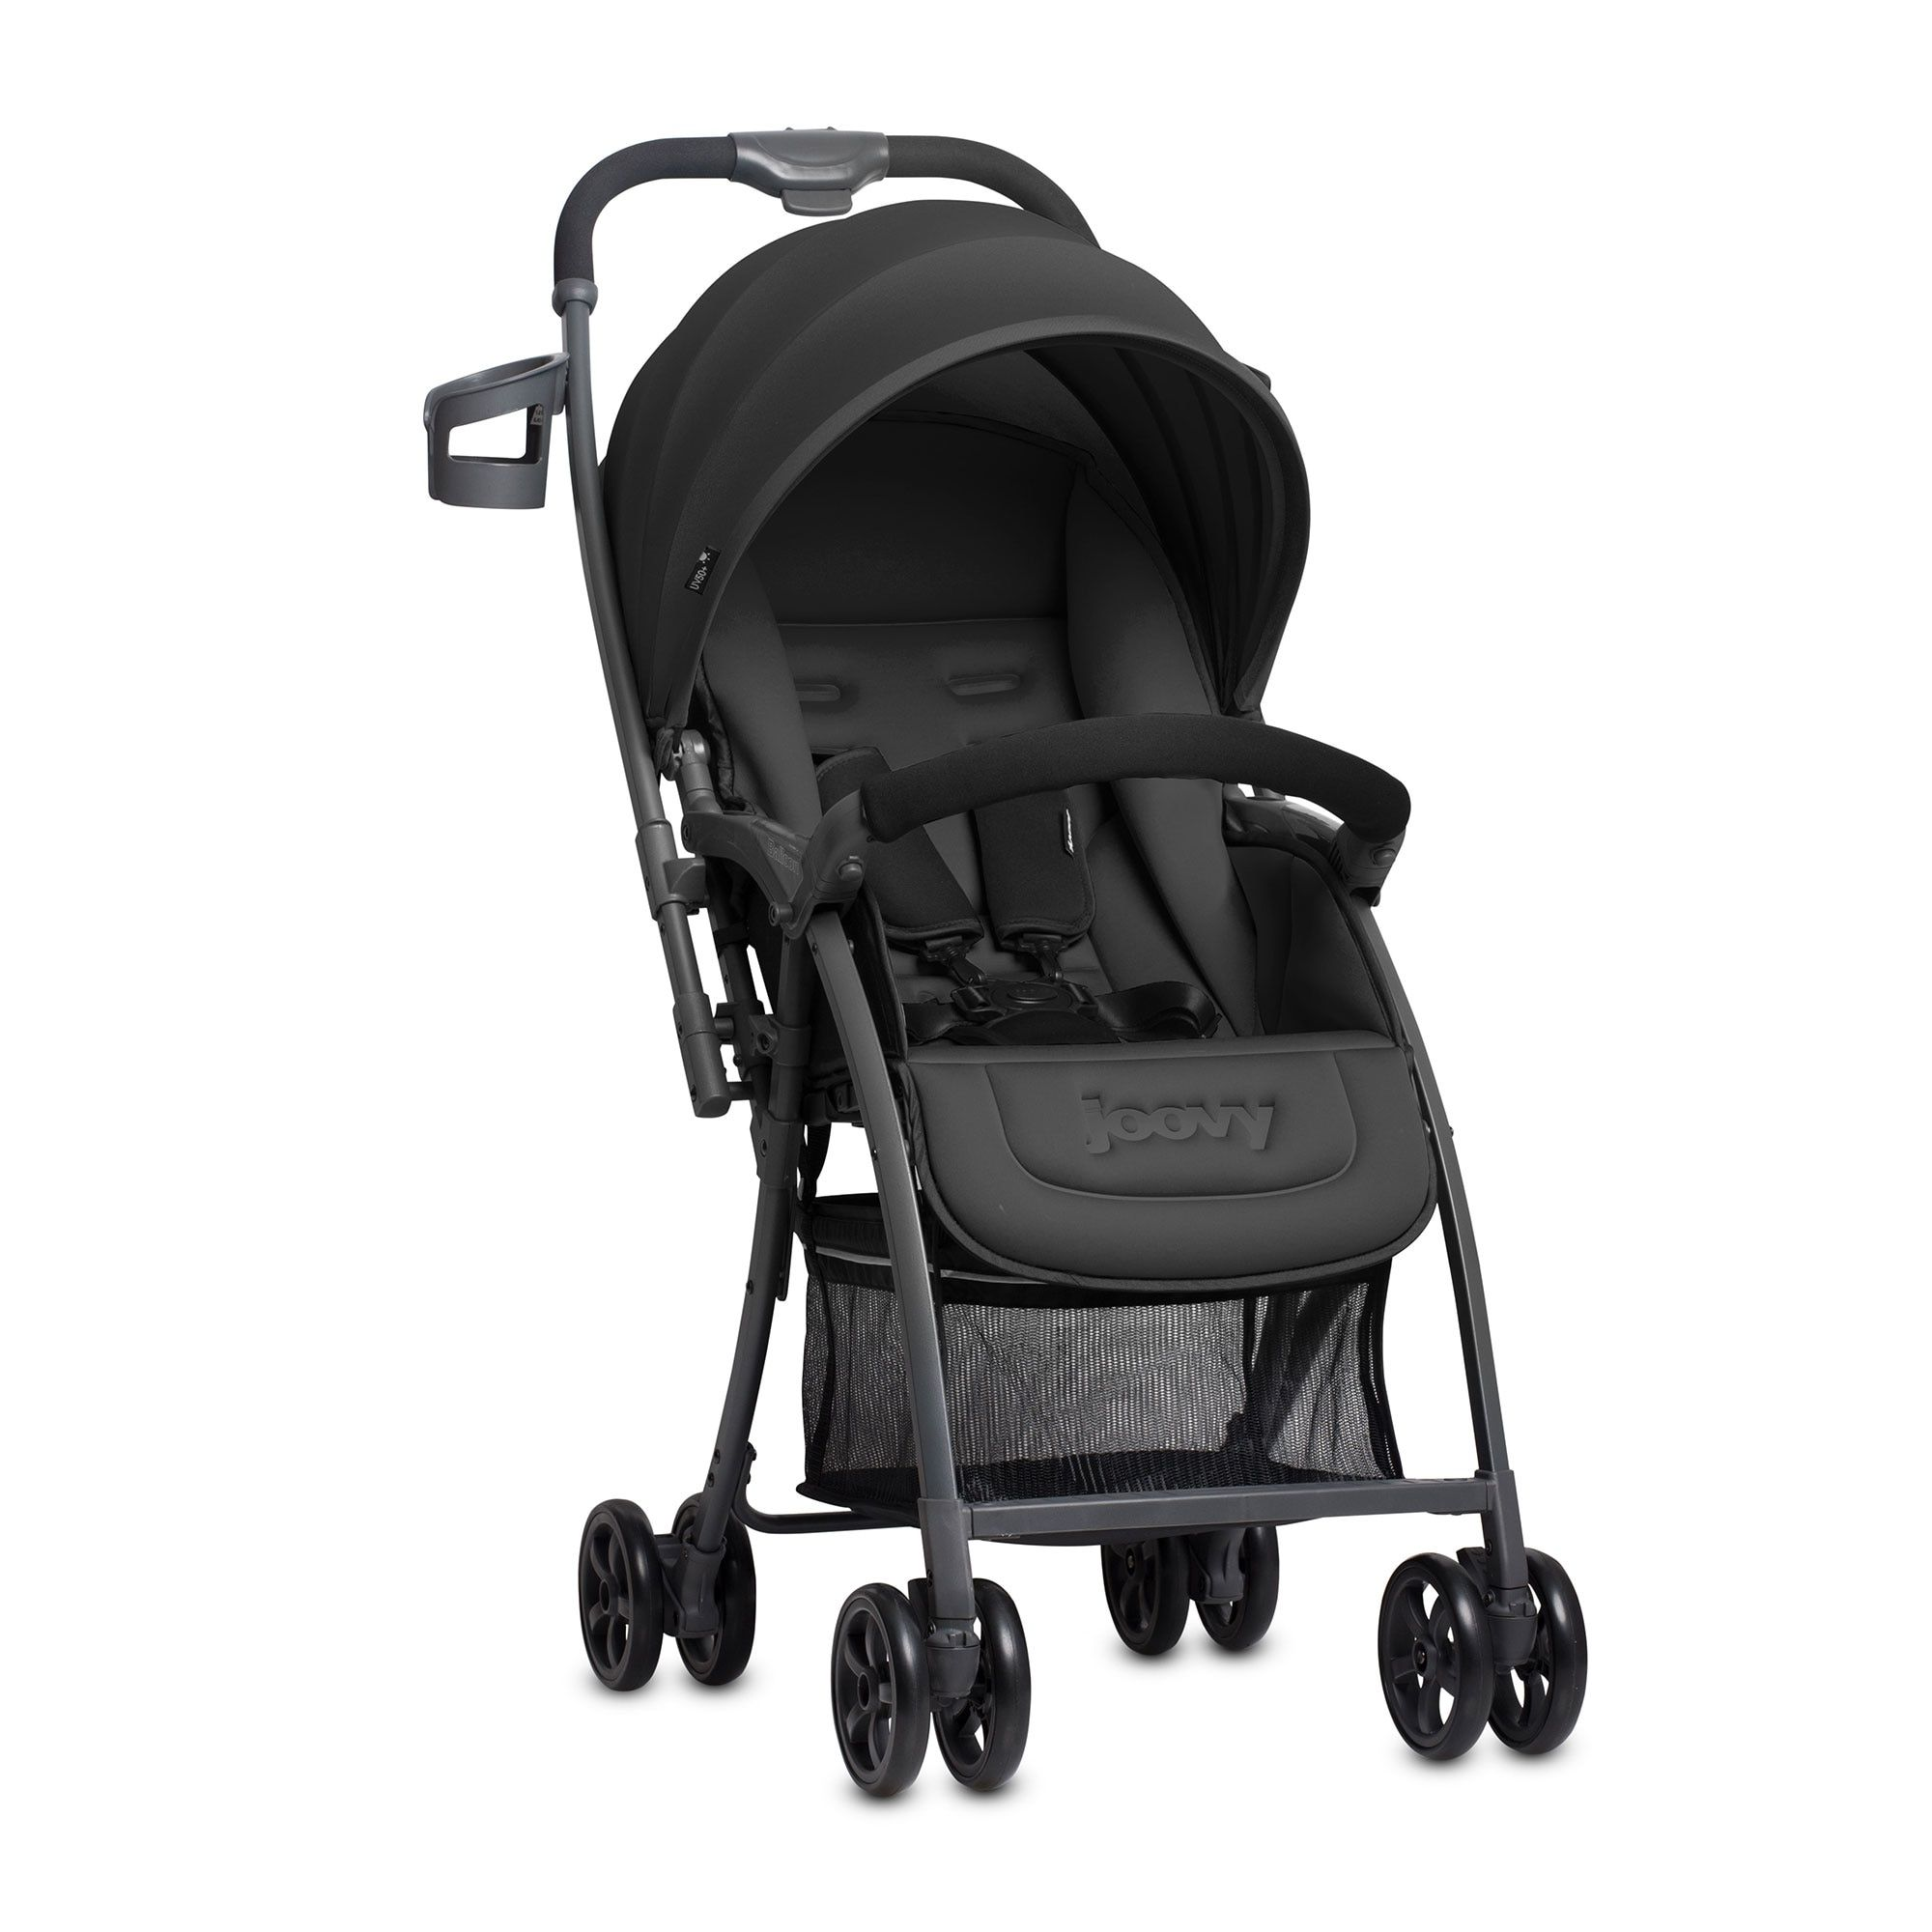 Balloon Best baby strollers, Best lightweight stroller